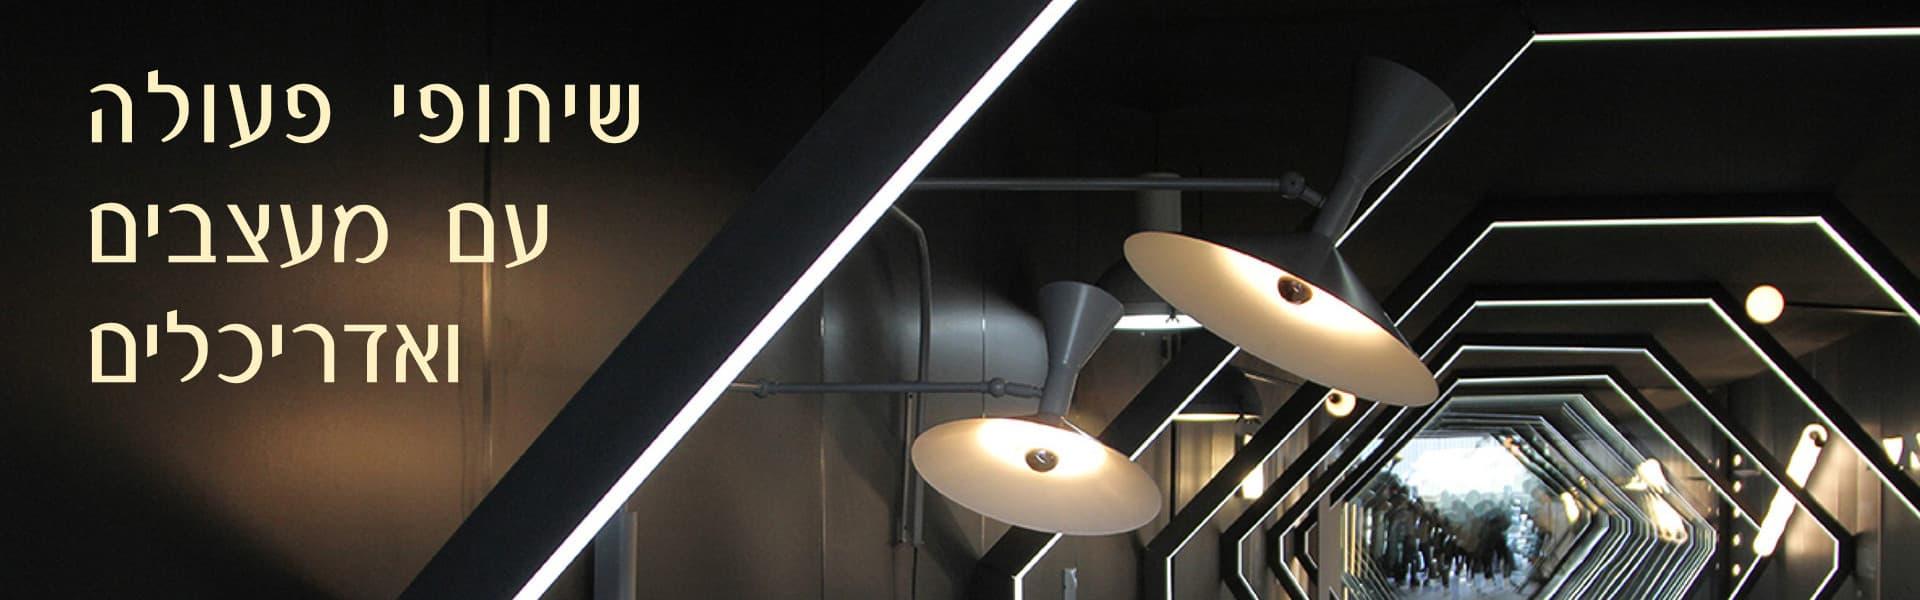 אדריכלים ומעצבים גופי תאורה